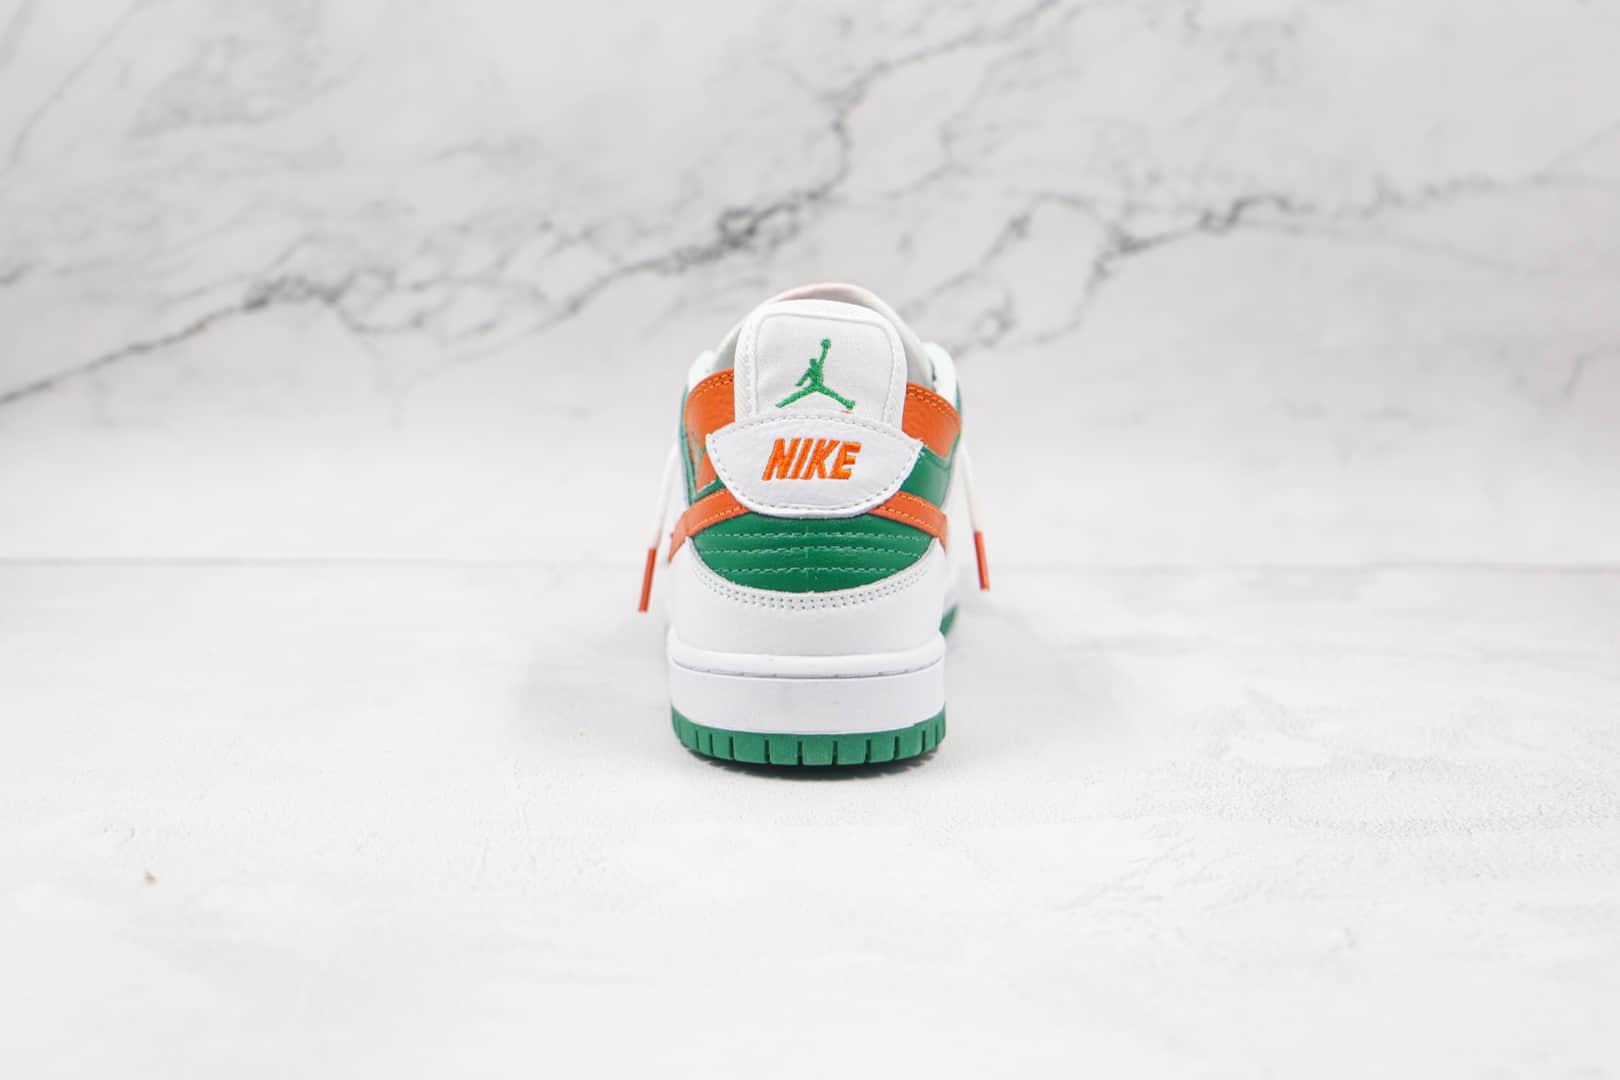 耐克Nike SB Dunk Low Custom Turdunken x Ziv Lee联名款纯原版本低帮SB DUNK断钩白绿色板鞋原盒原标 货号:304292-040